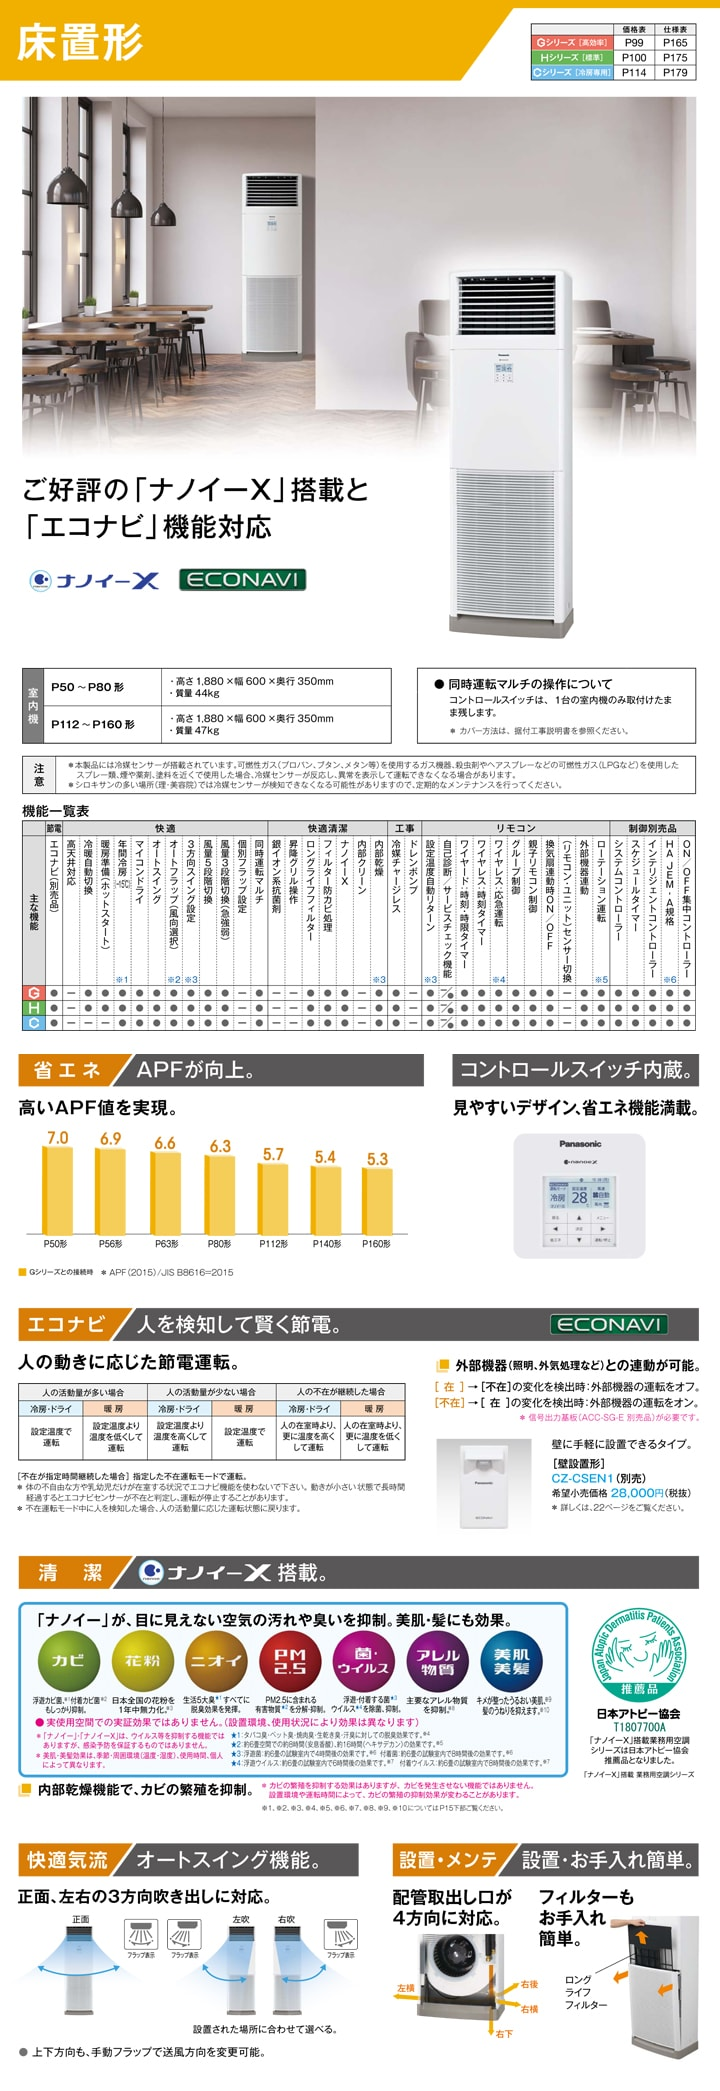 パナソニック 業務用エアコン PA-P160B6GDB